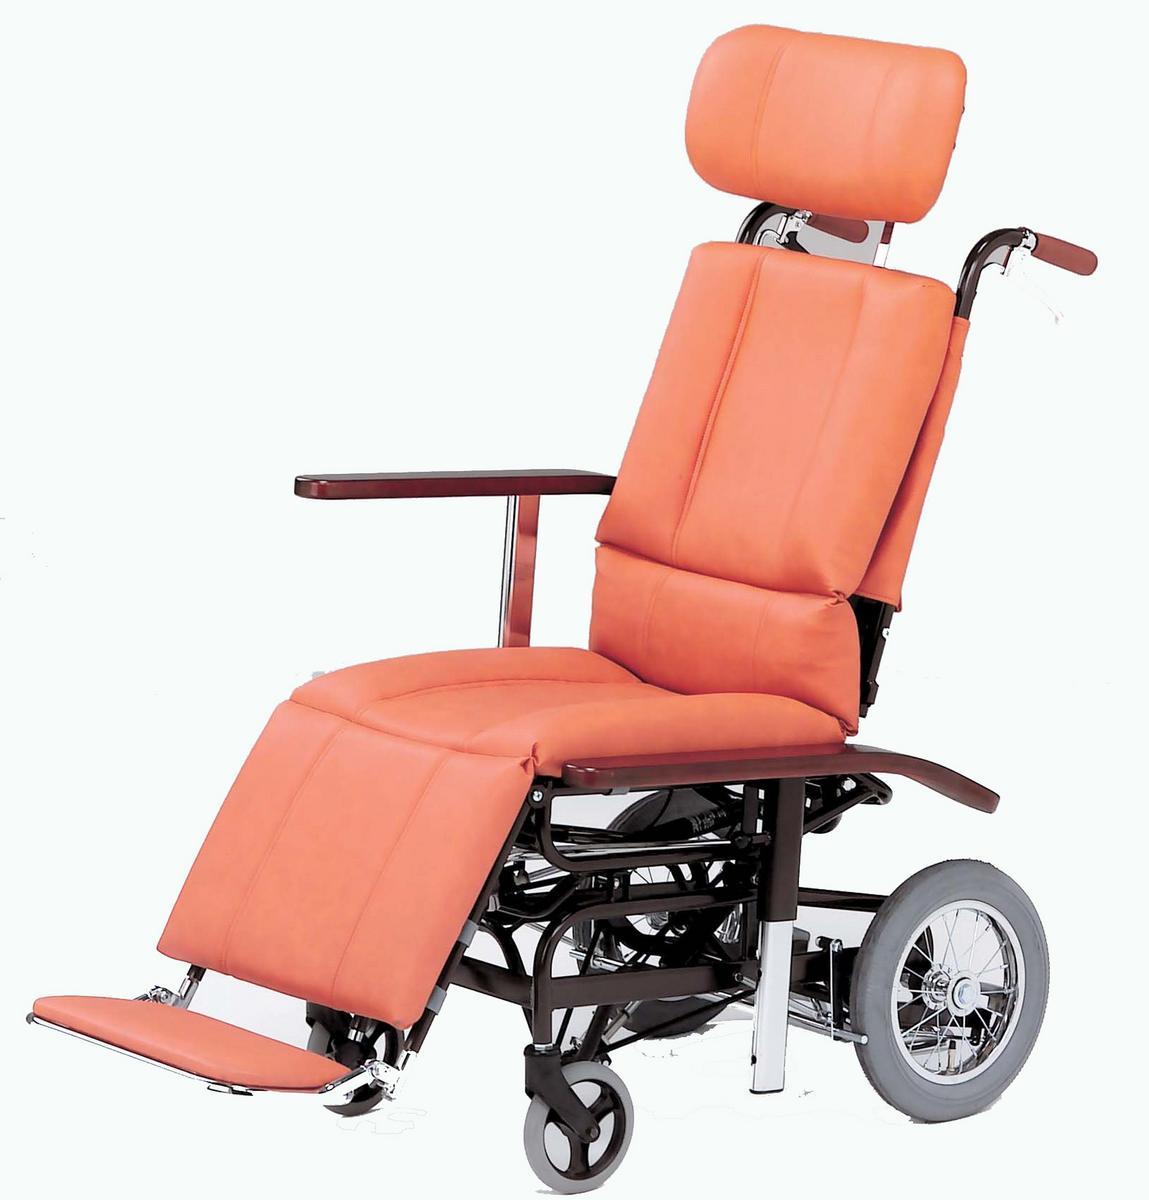 リクライニング車椅子(車いす) 日進医療器製 NHR-7【メーカー正規保証付き/条件付き送料無料】